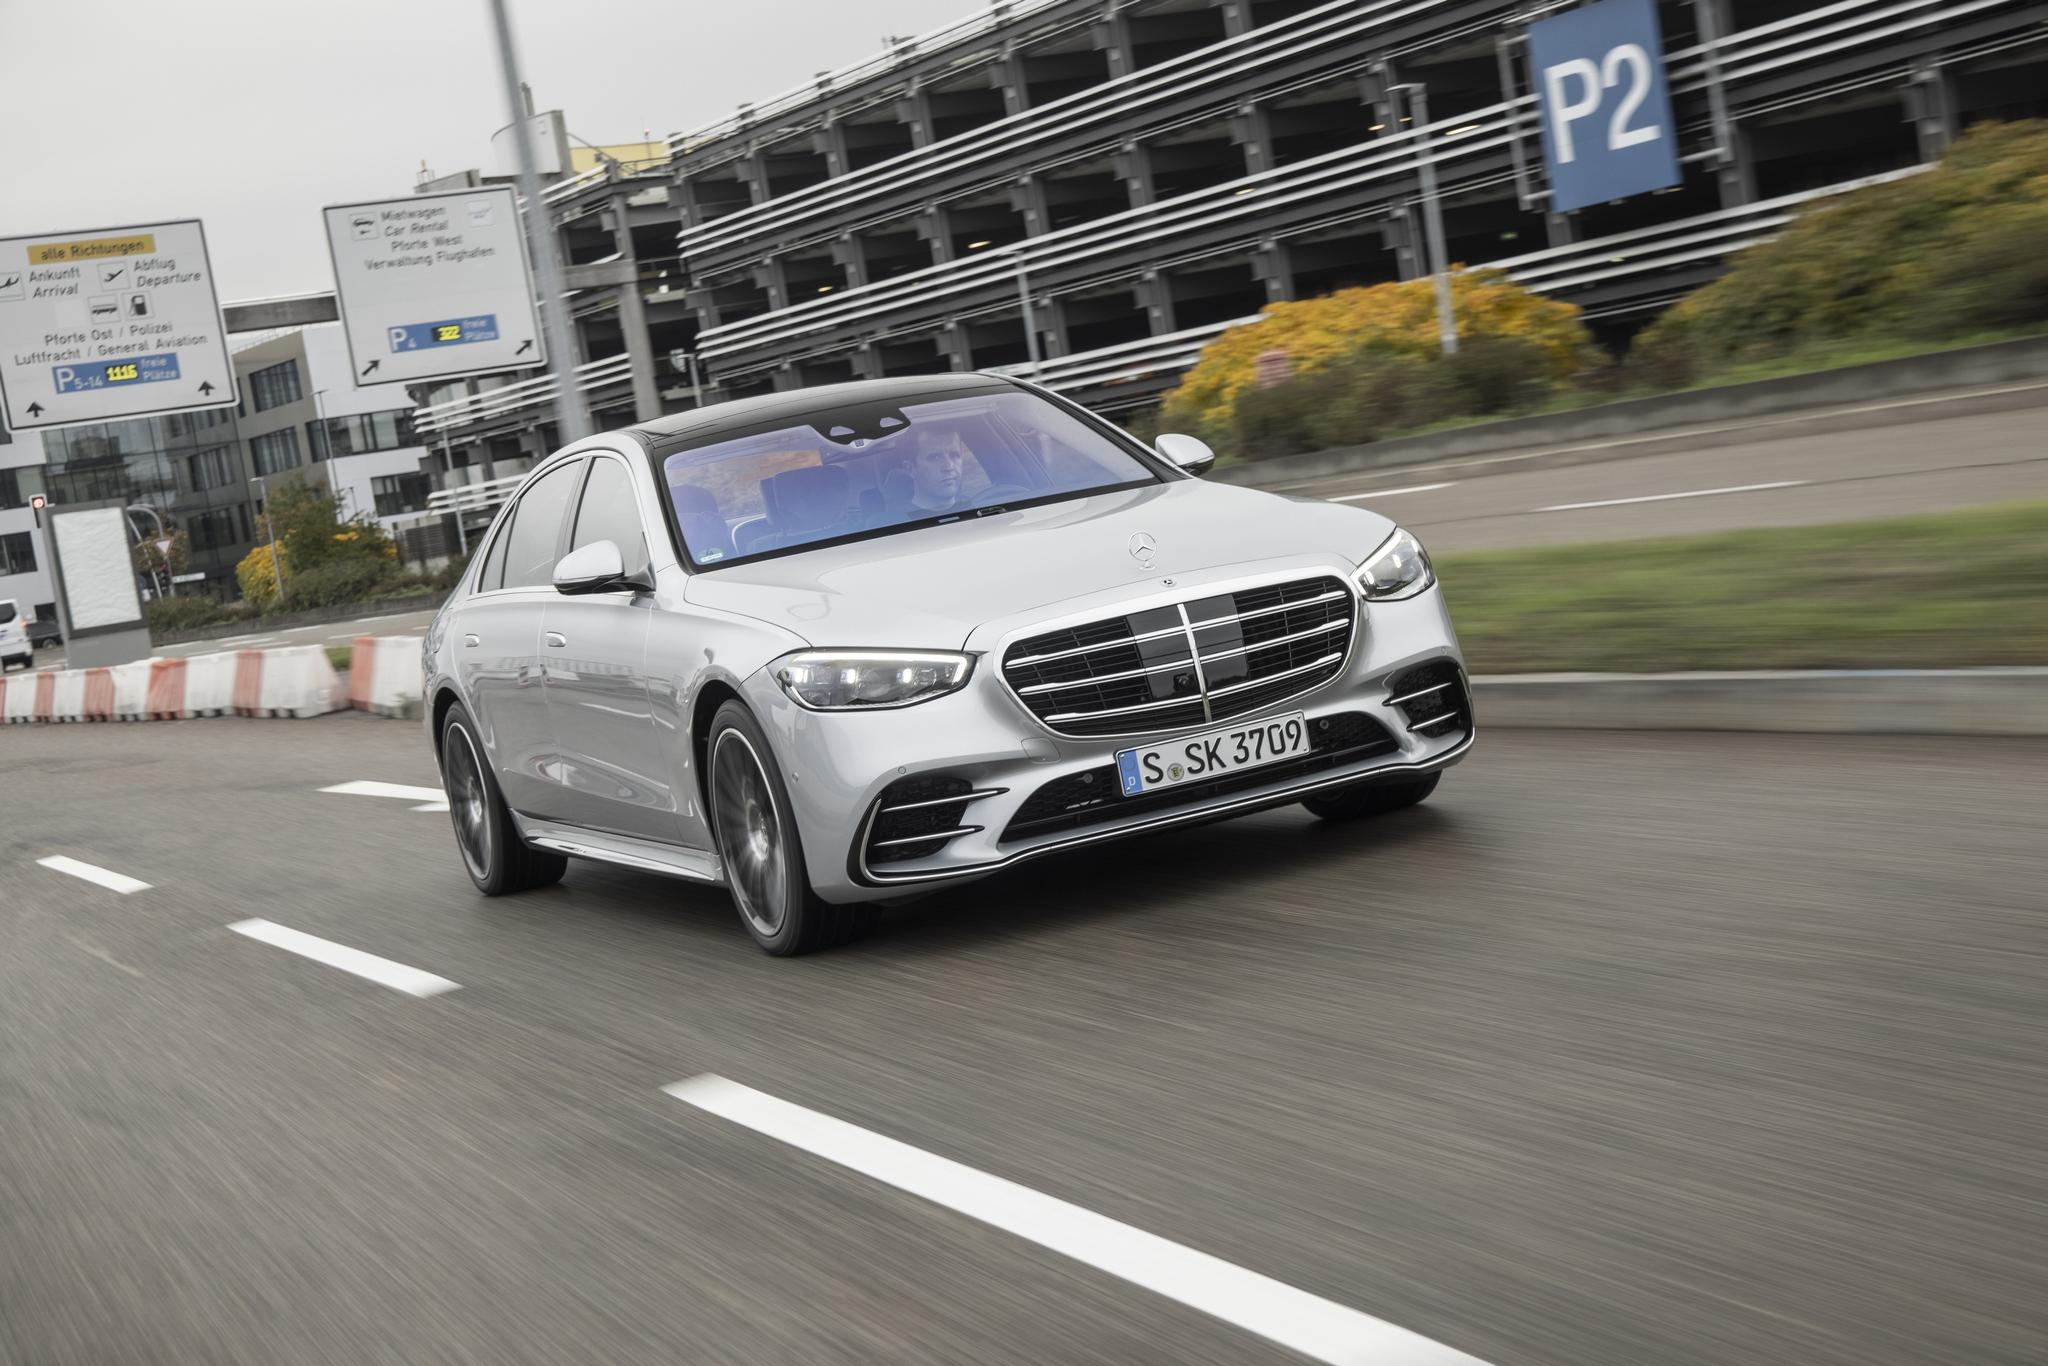 Neuauflage der S-Klasse von Mercedes-Benz: erster Fahrtest im S 580 4MATIC